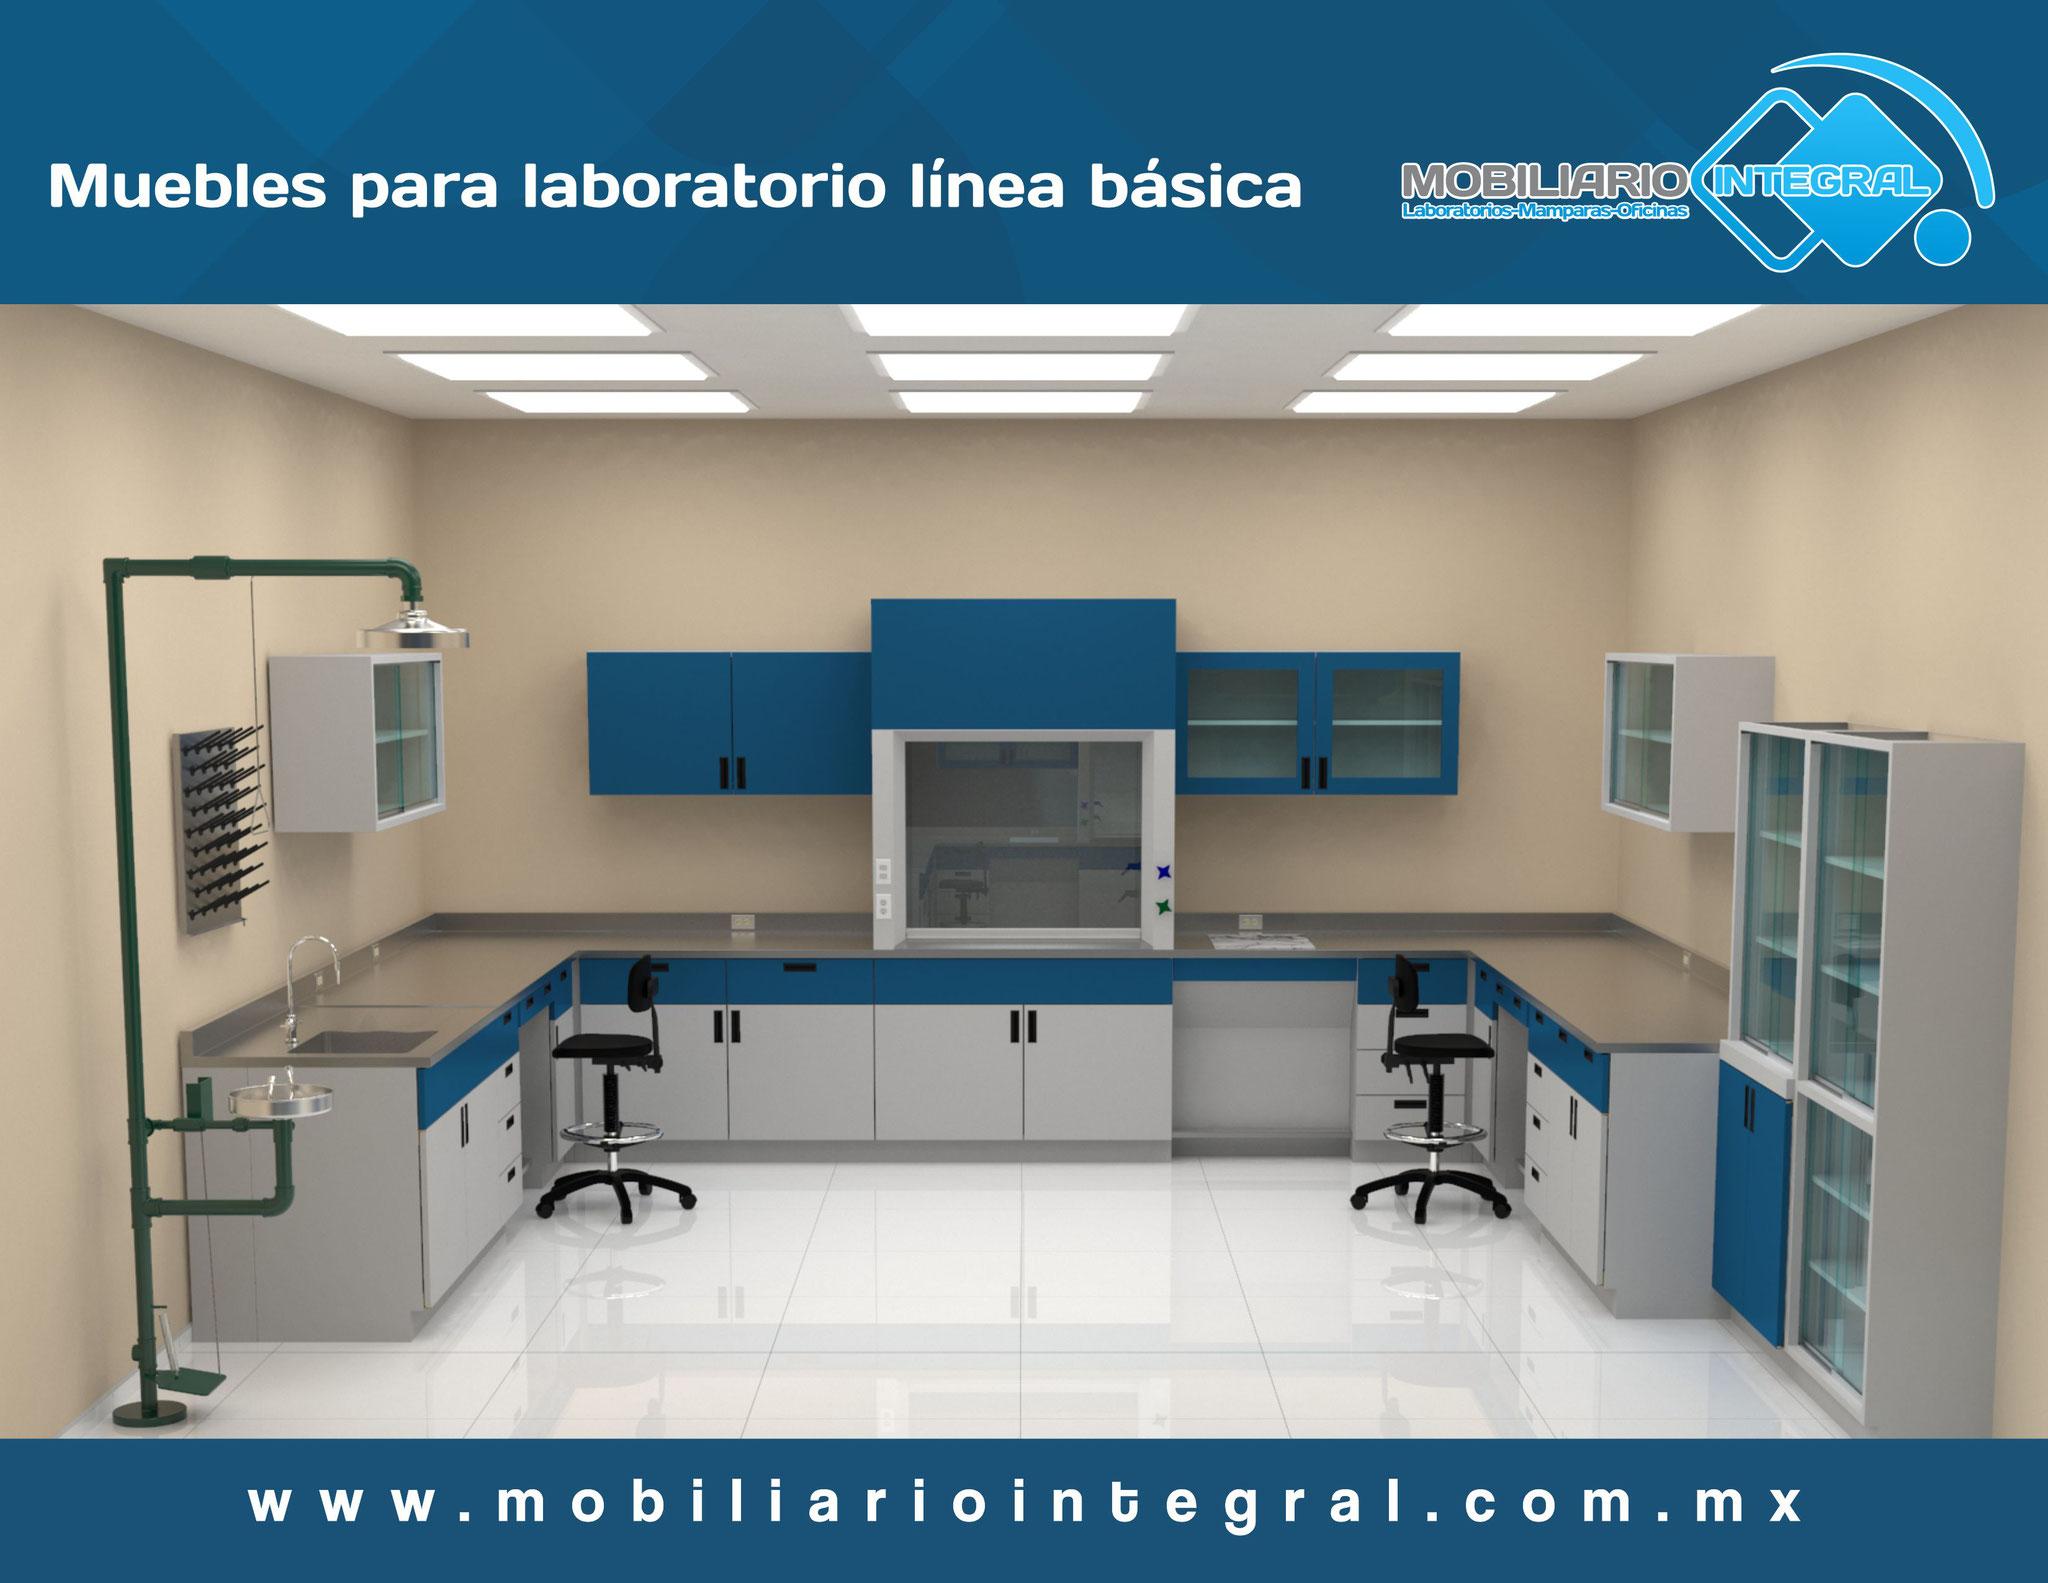 Muebles para laboratorio en Culiacán